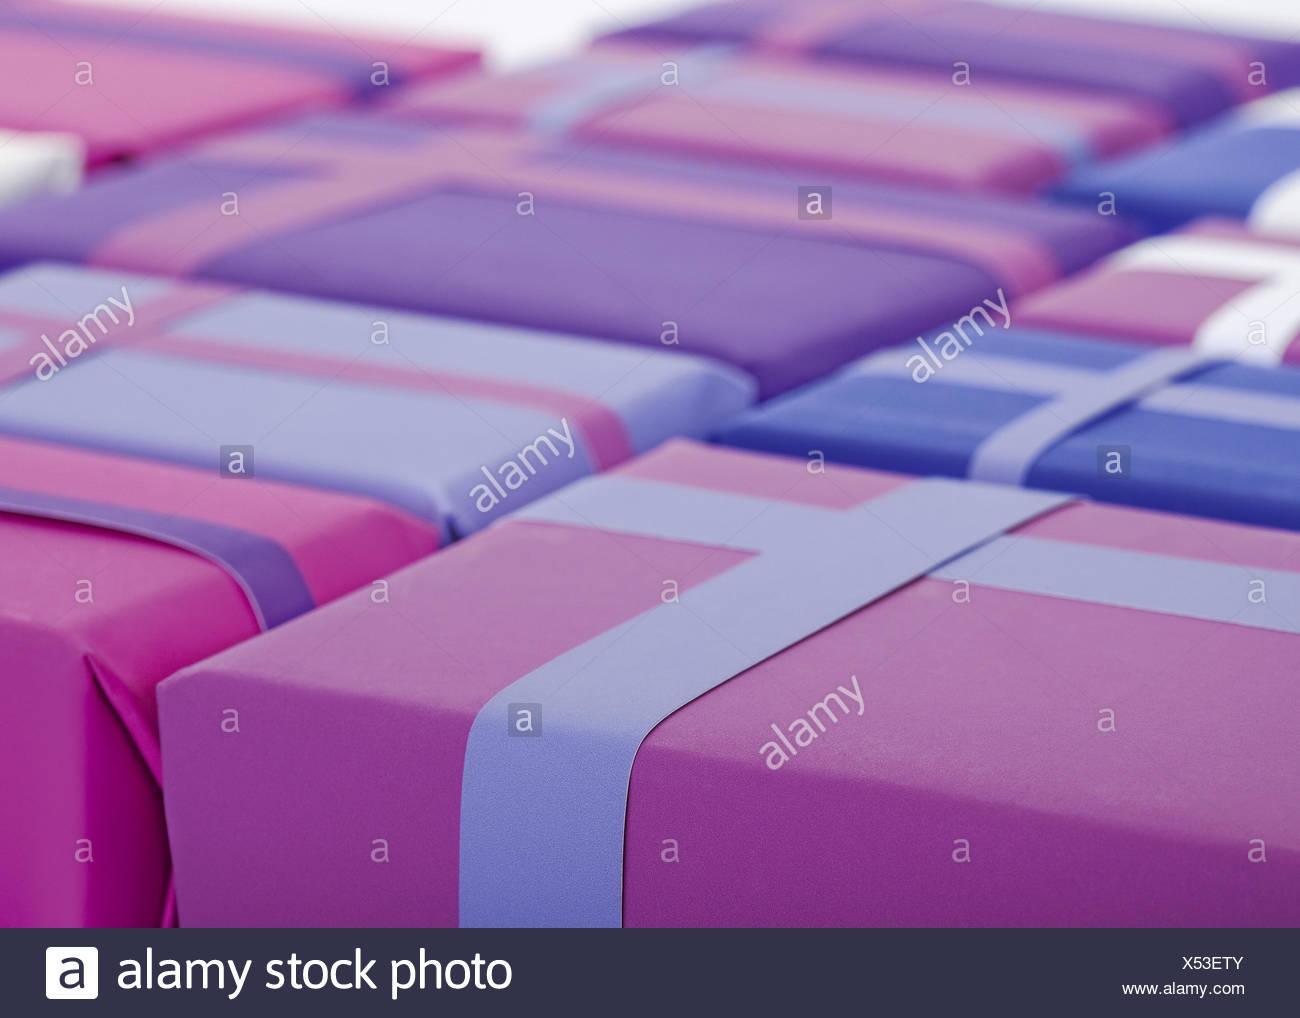 Geschenkpaeckchen, violett, lila - Stock Image